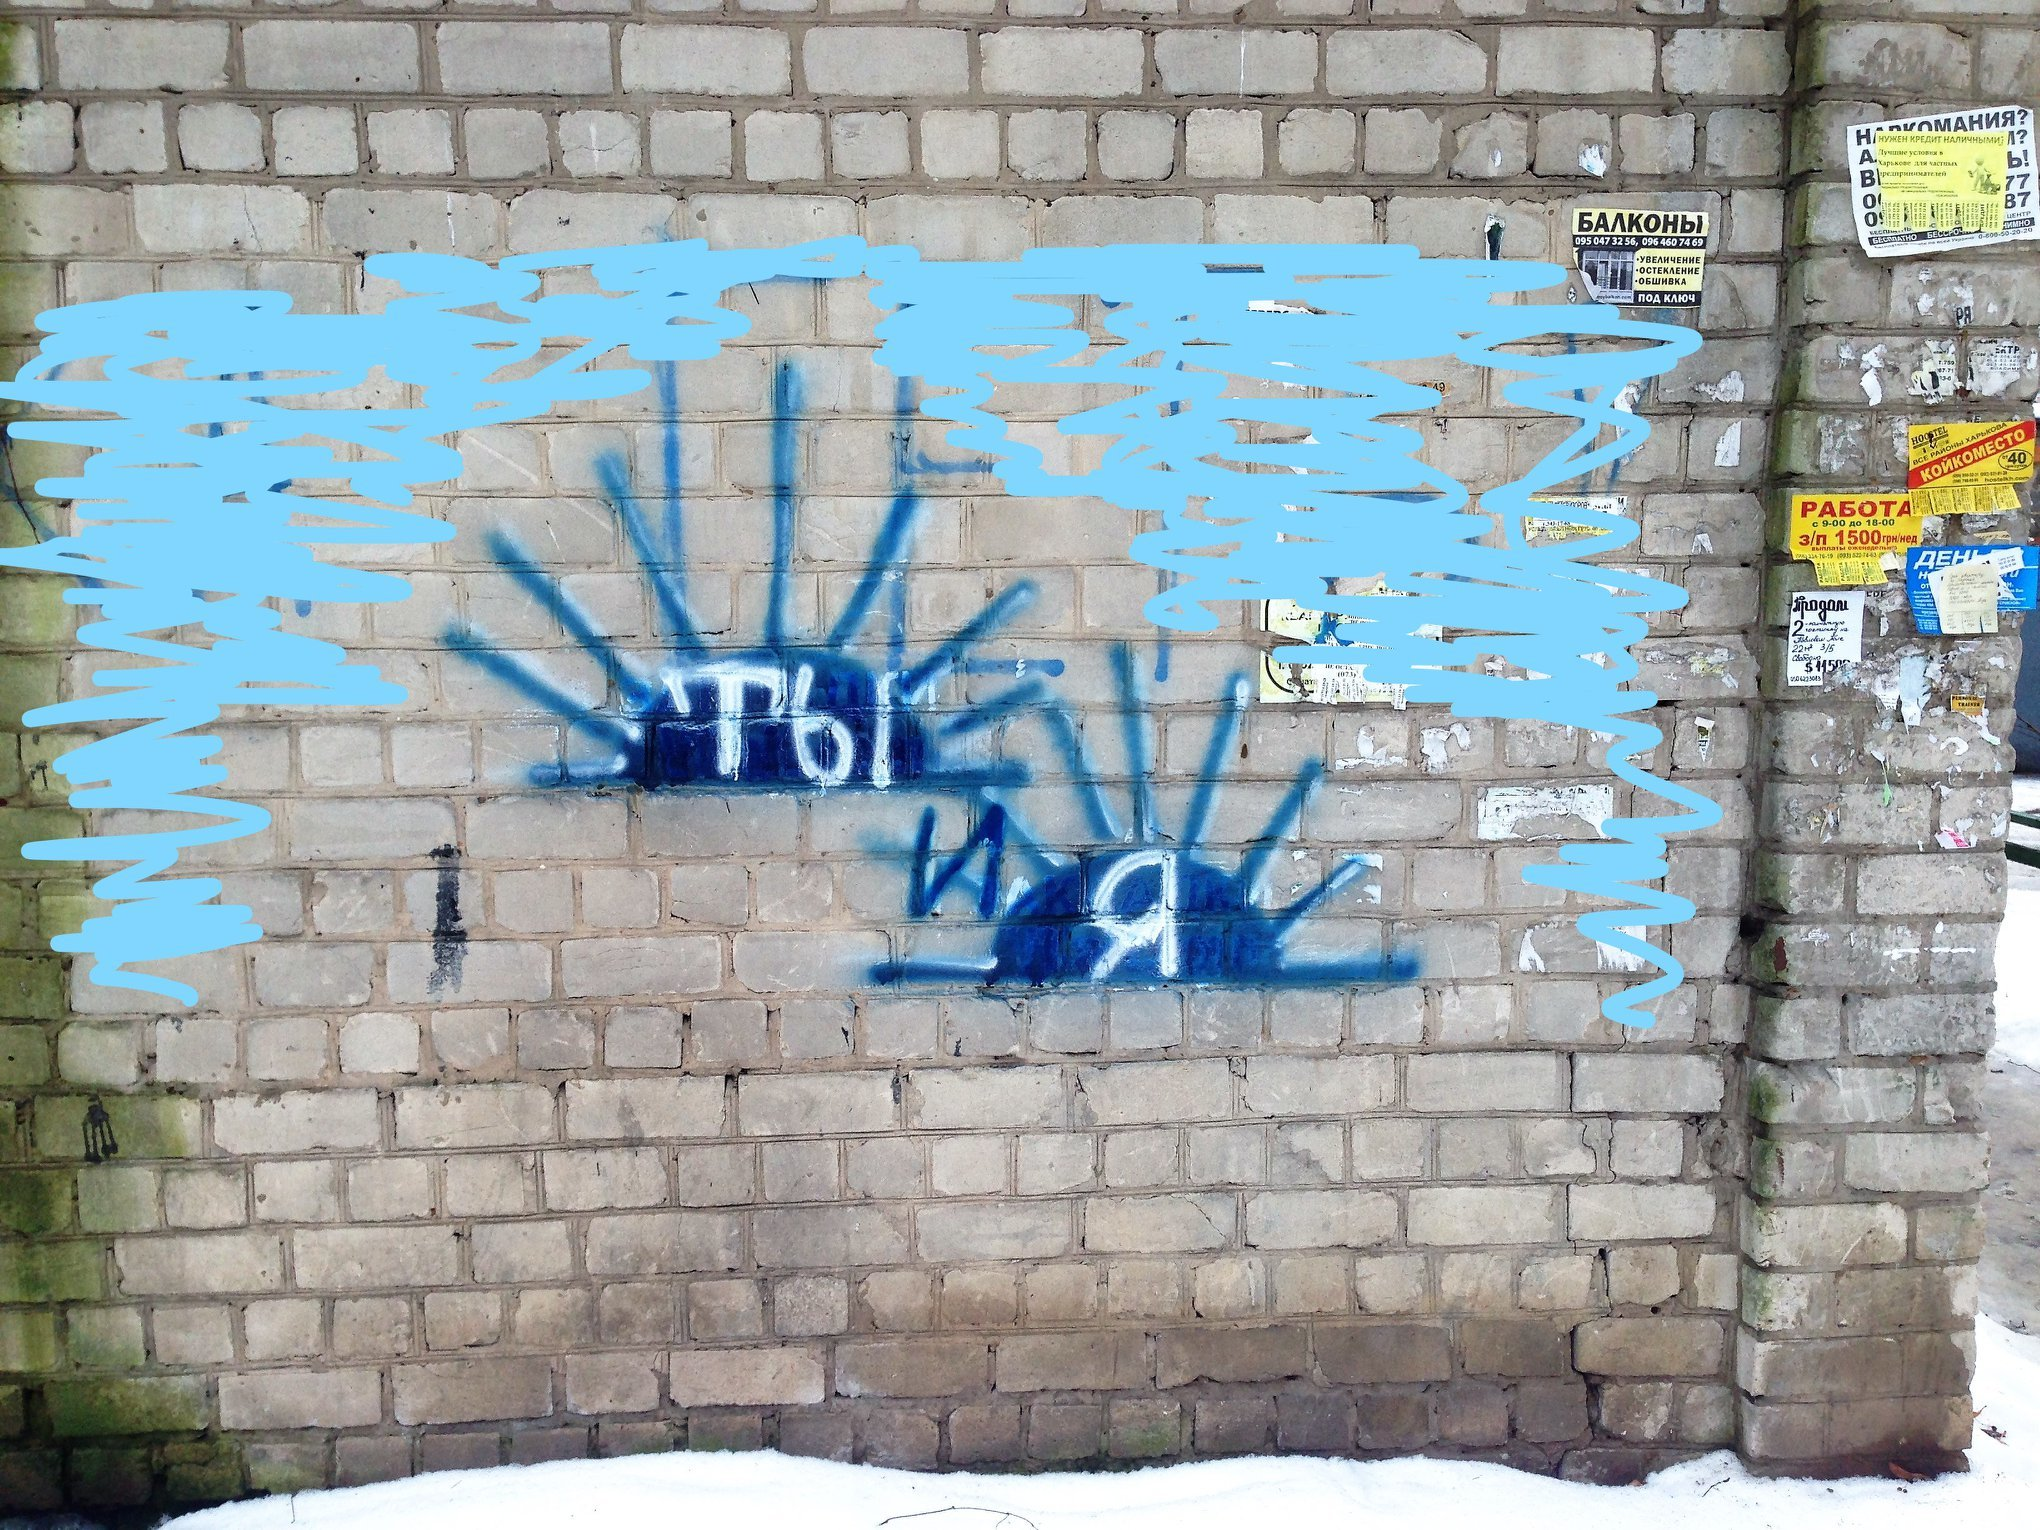 Борьба с незаконными надписями на фасадах домов.